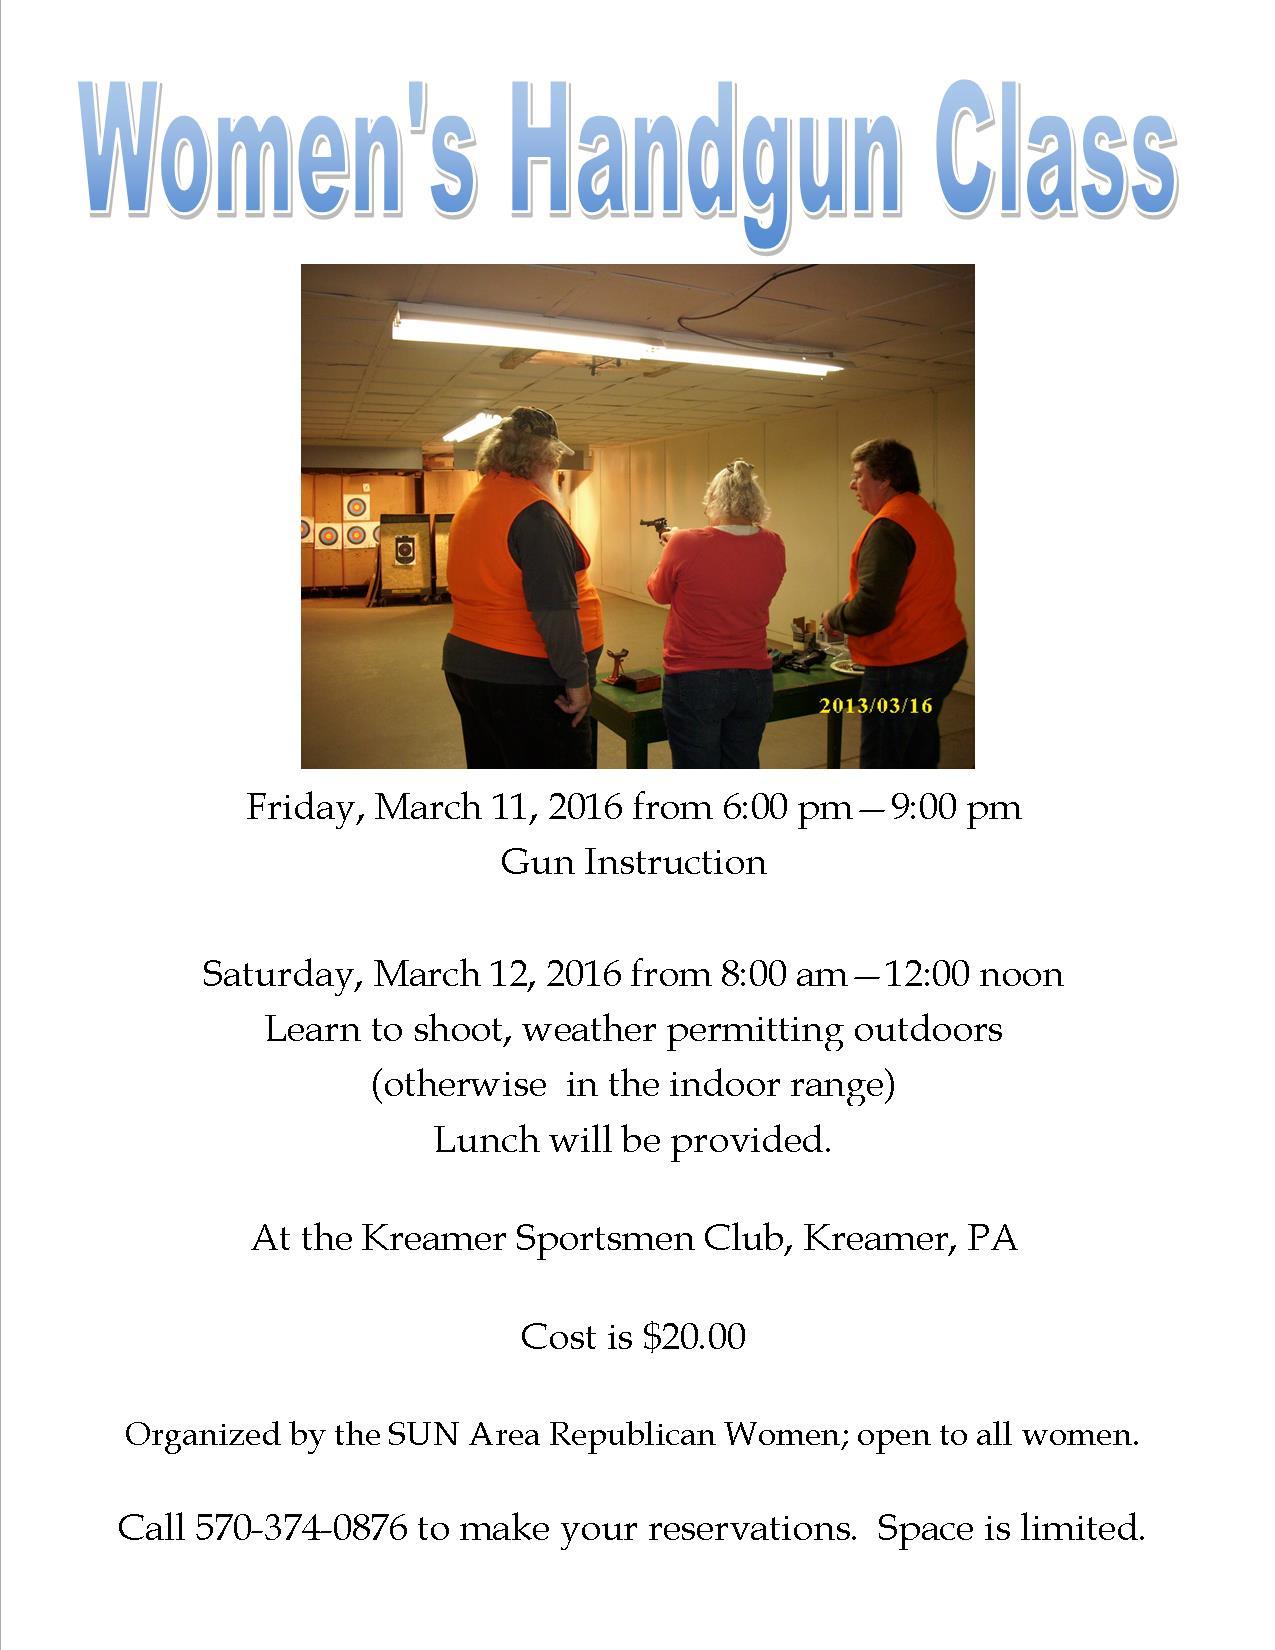 Women's Handgun Class (March 11 & 12, 2016)